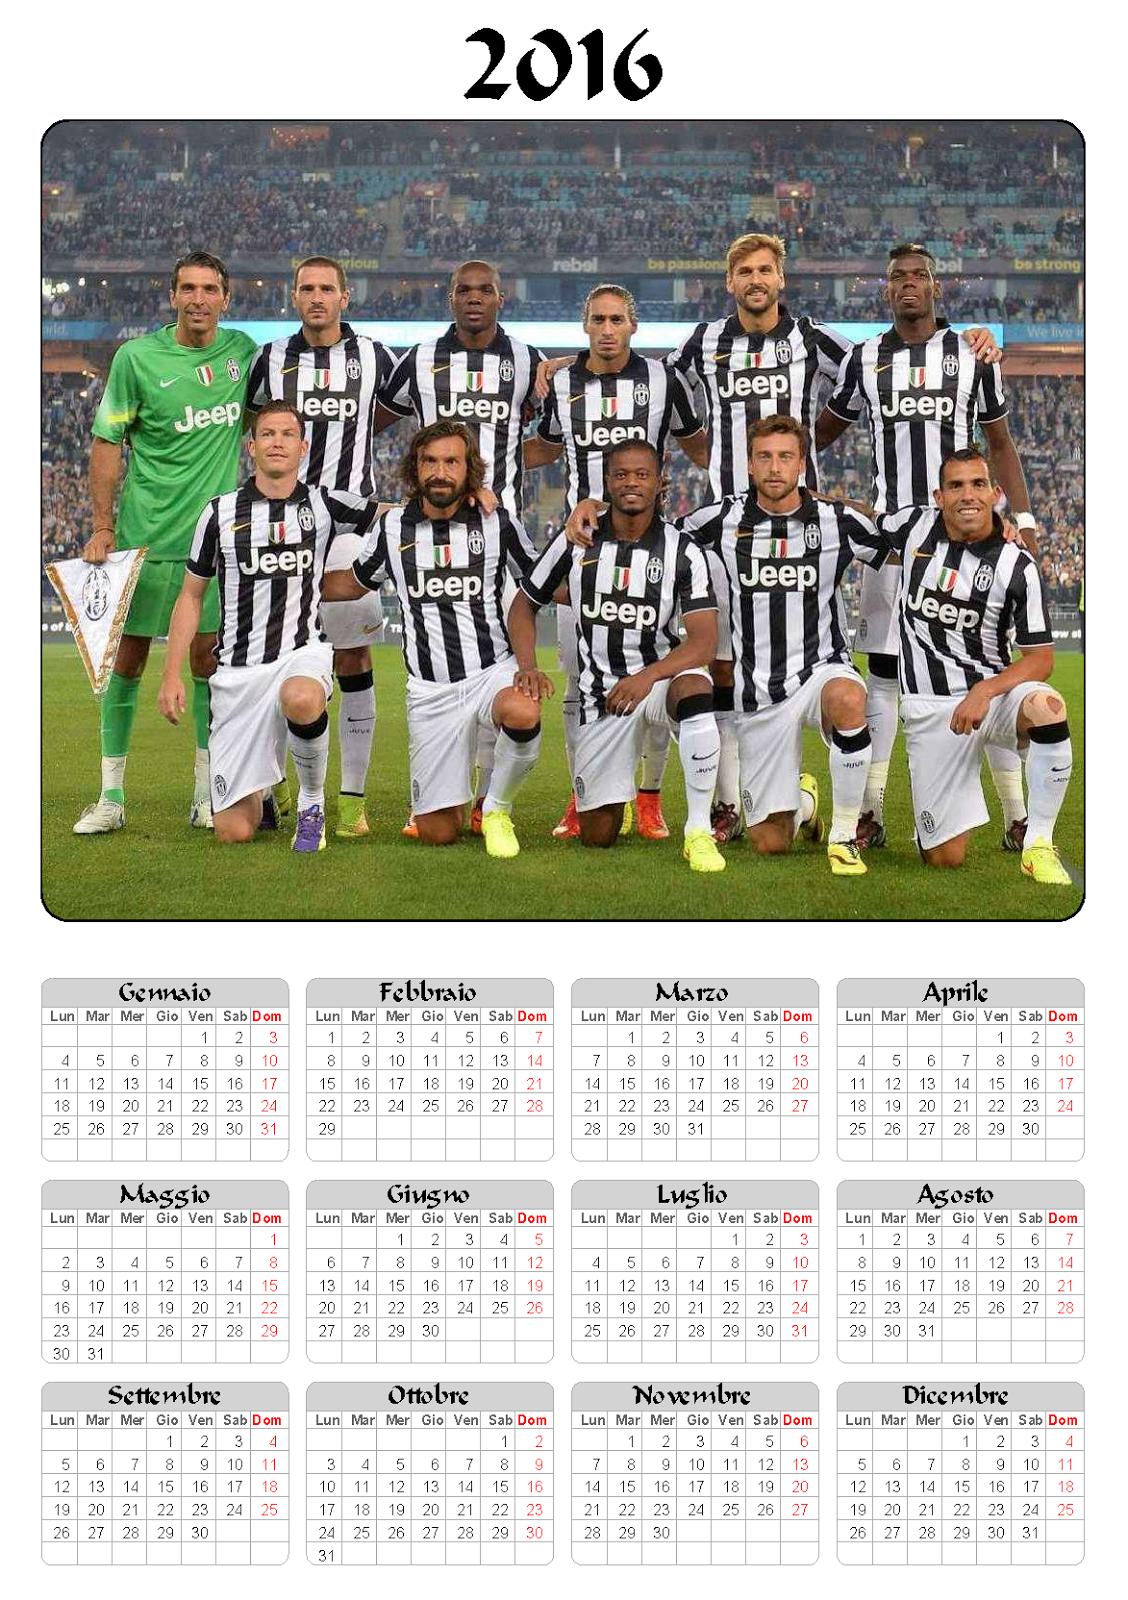 calendario 2016 - juventus - annuale - juventus